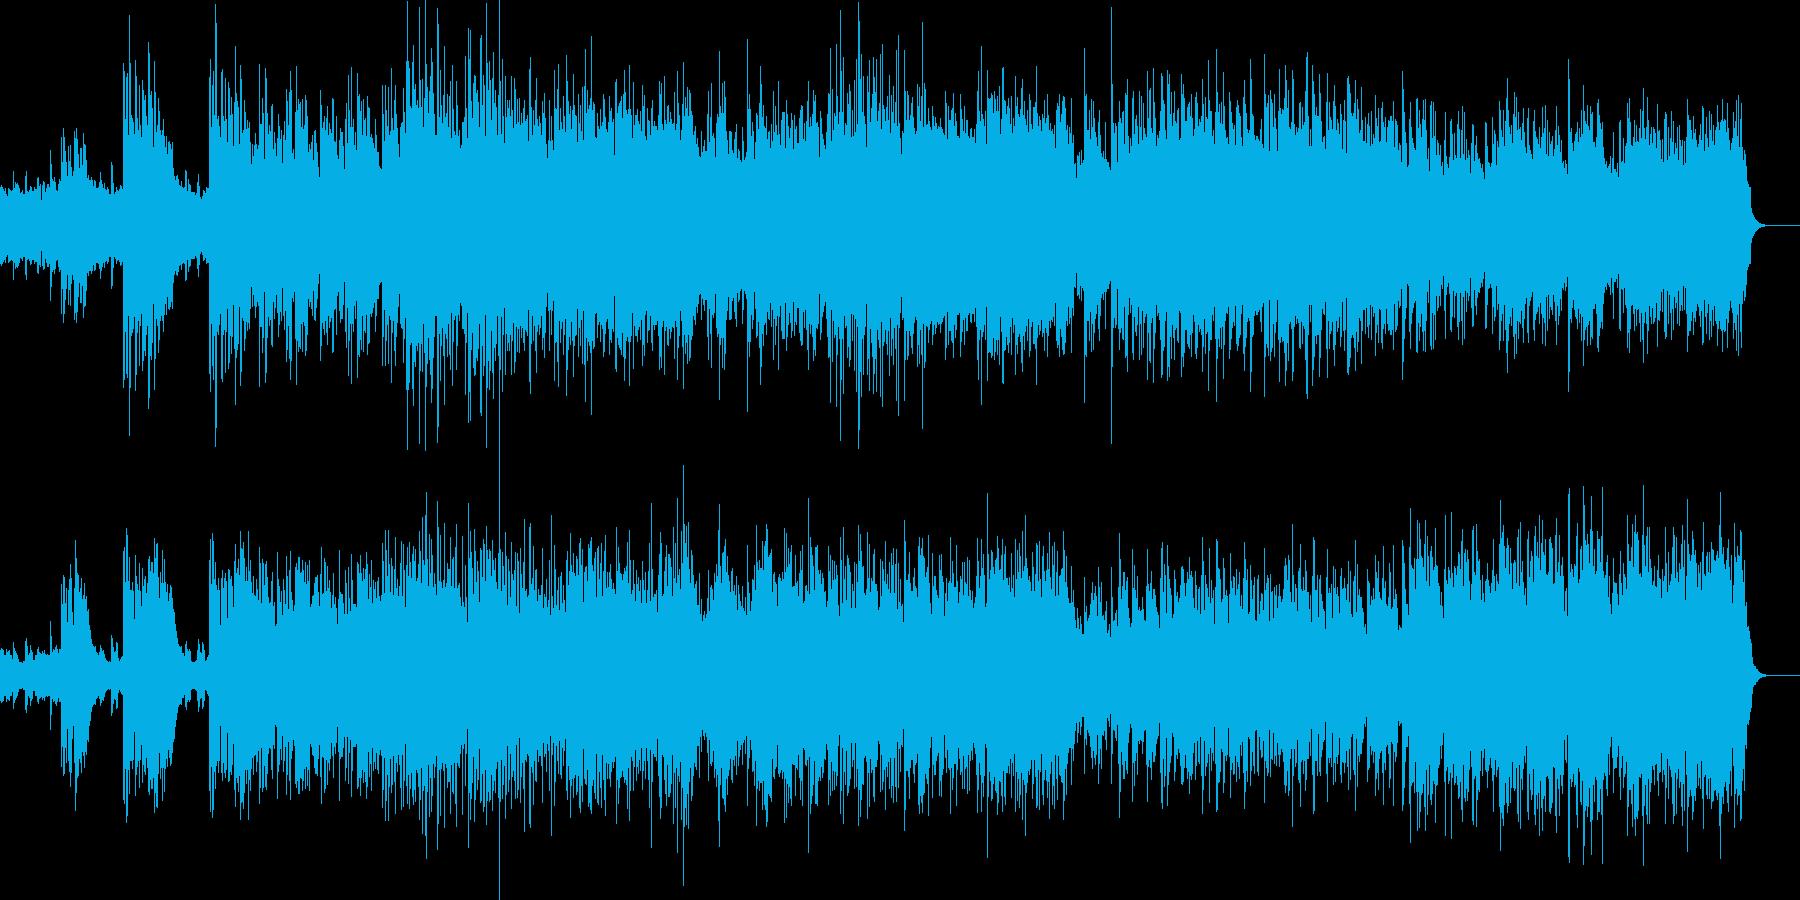 シンフォニエッタよりファンファーレの再生済みの波形